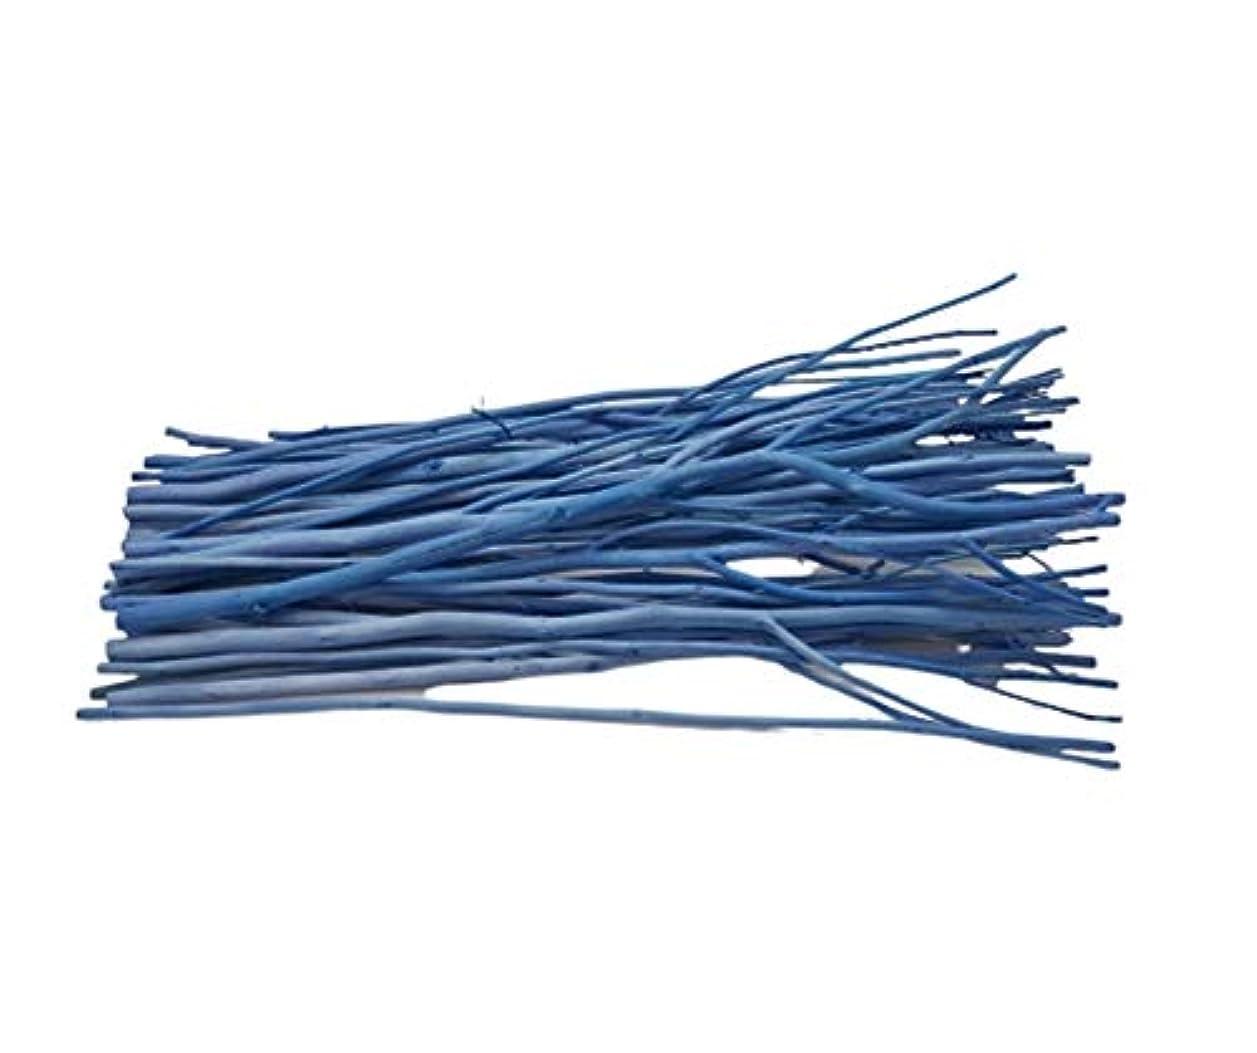 素子修道院ぬれた(ブリリアントバンク)Brilliant Bank BLUE カラーリードスティック リードディフューザー 用 リフィル リードスティック アレンジウッドスティック (50本, BLUE)